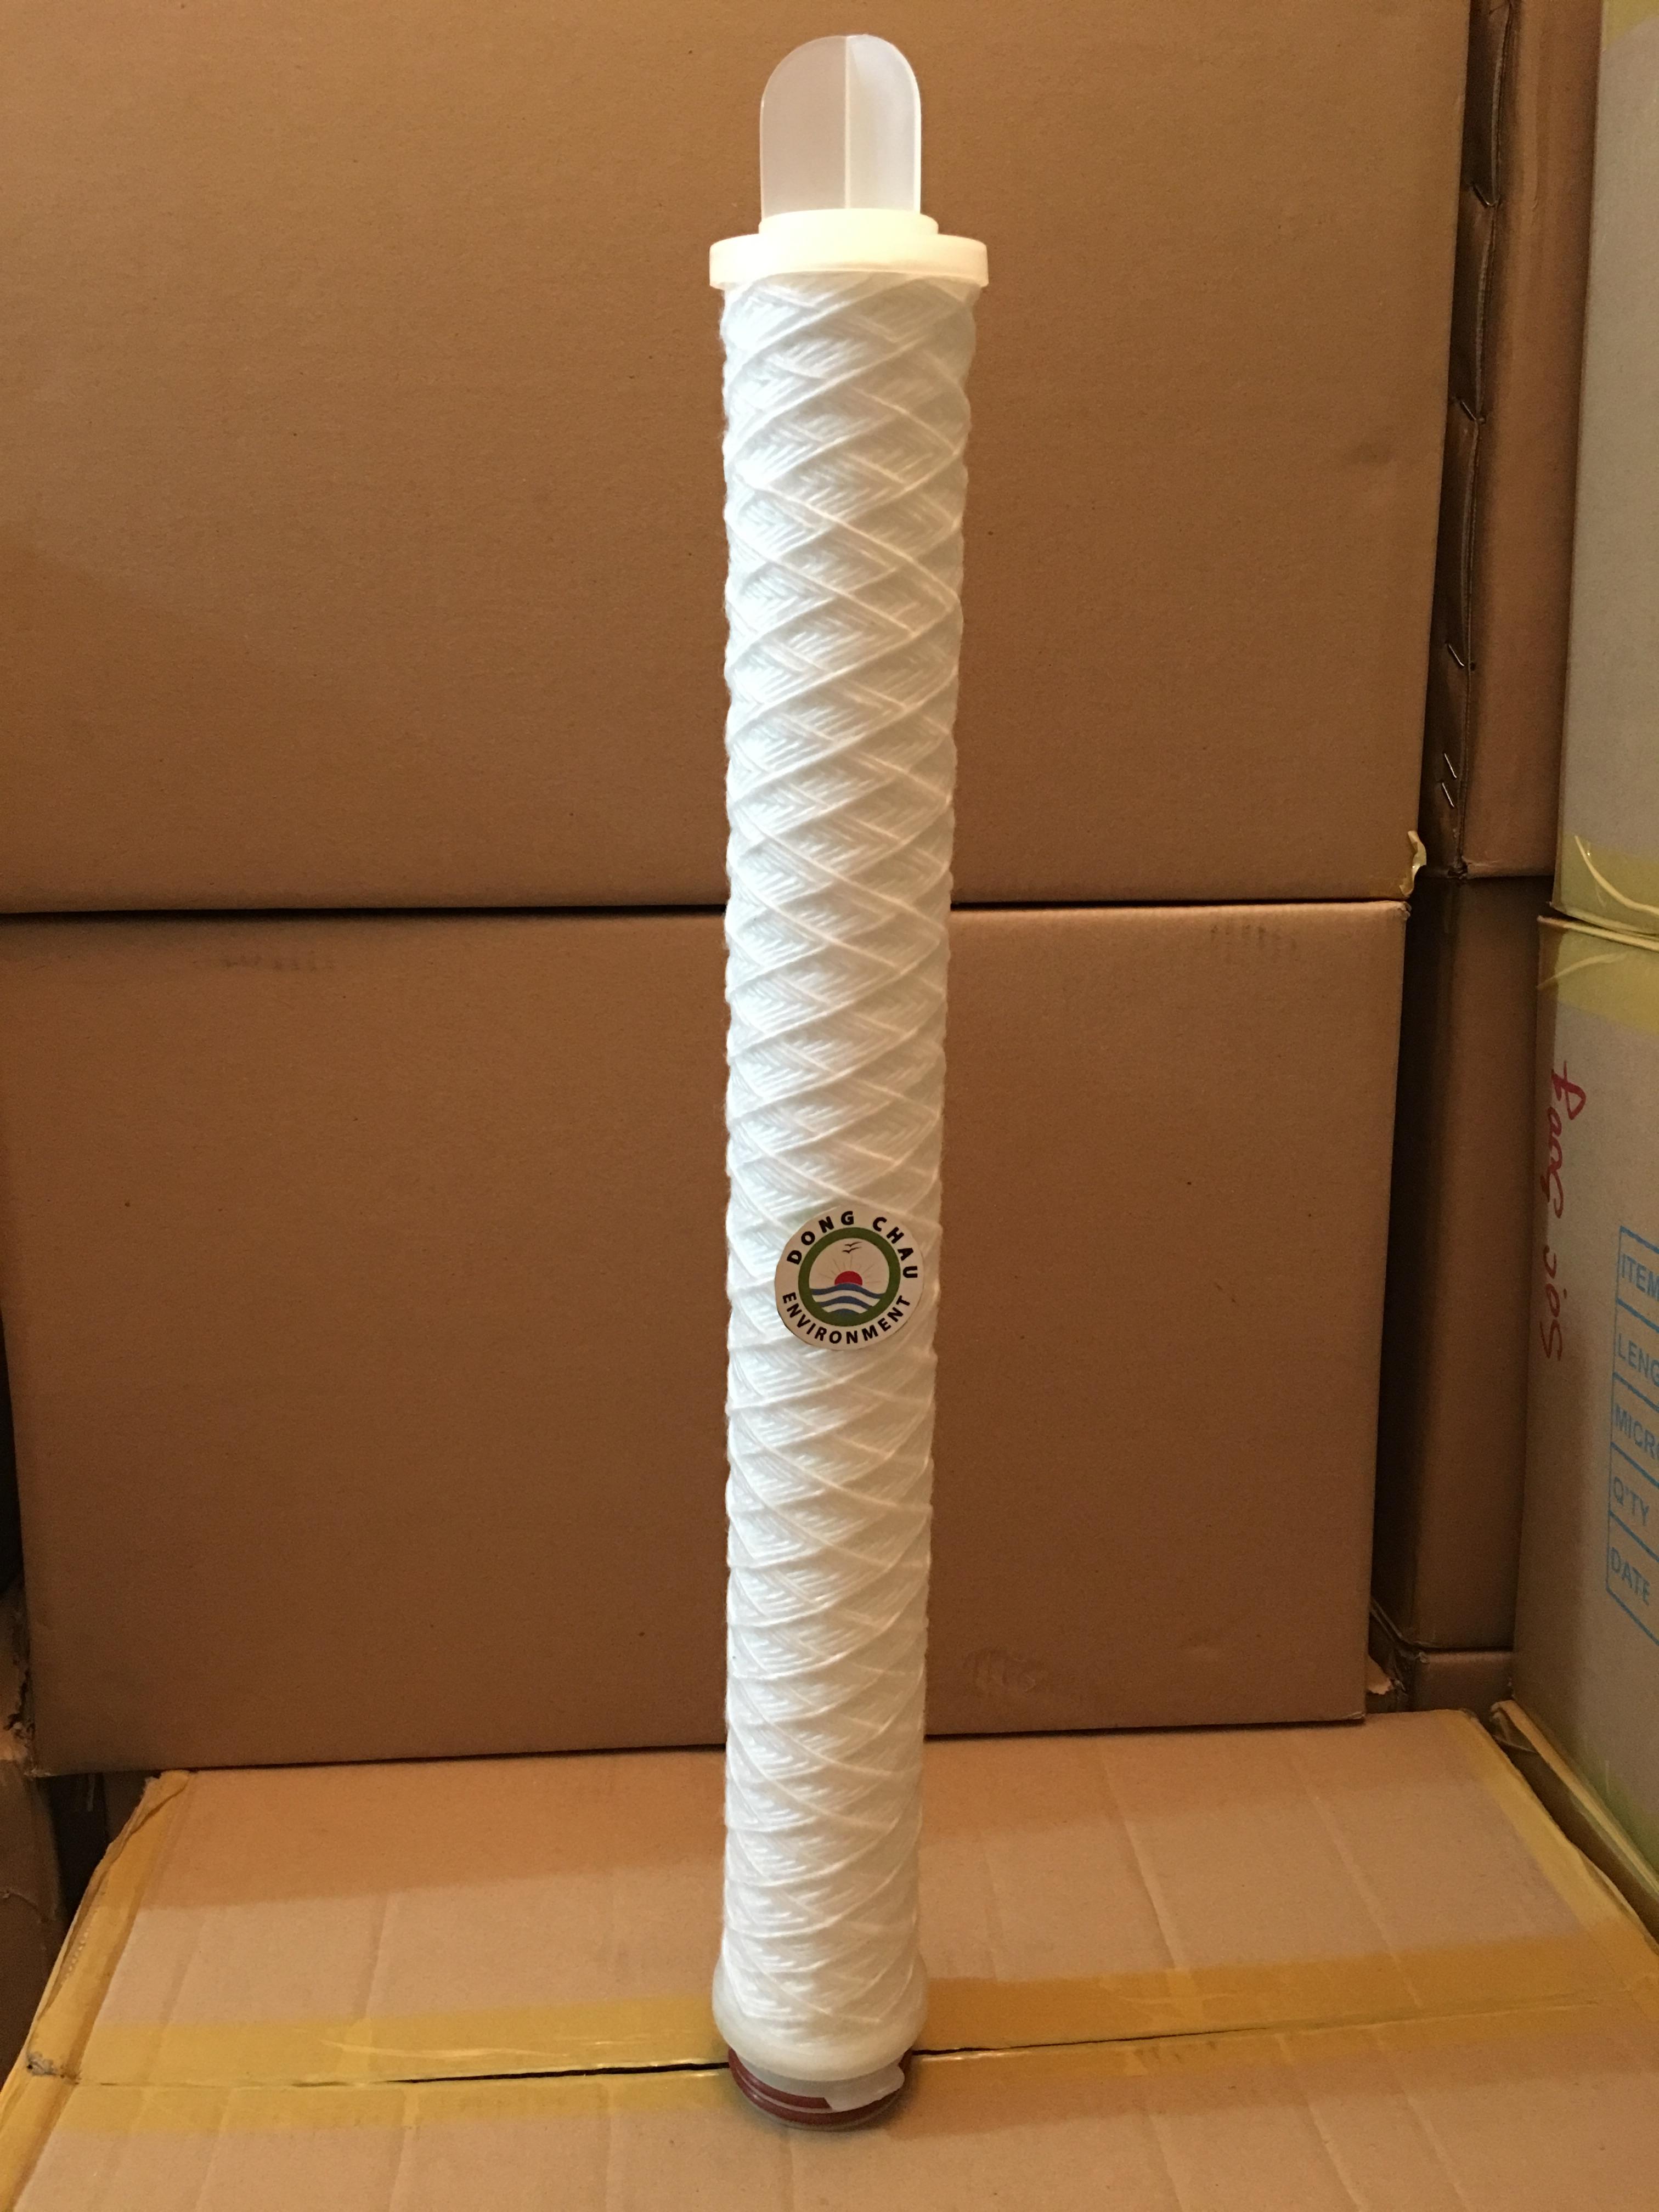 Lõi lọc sợi  5 micron 20 inch o ring 226